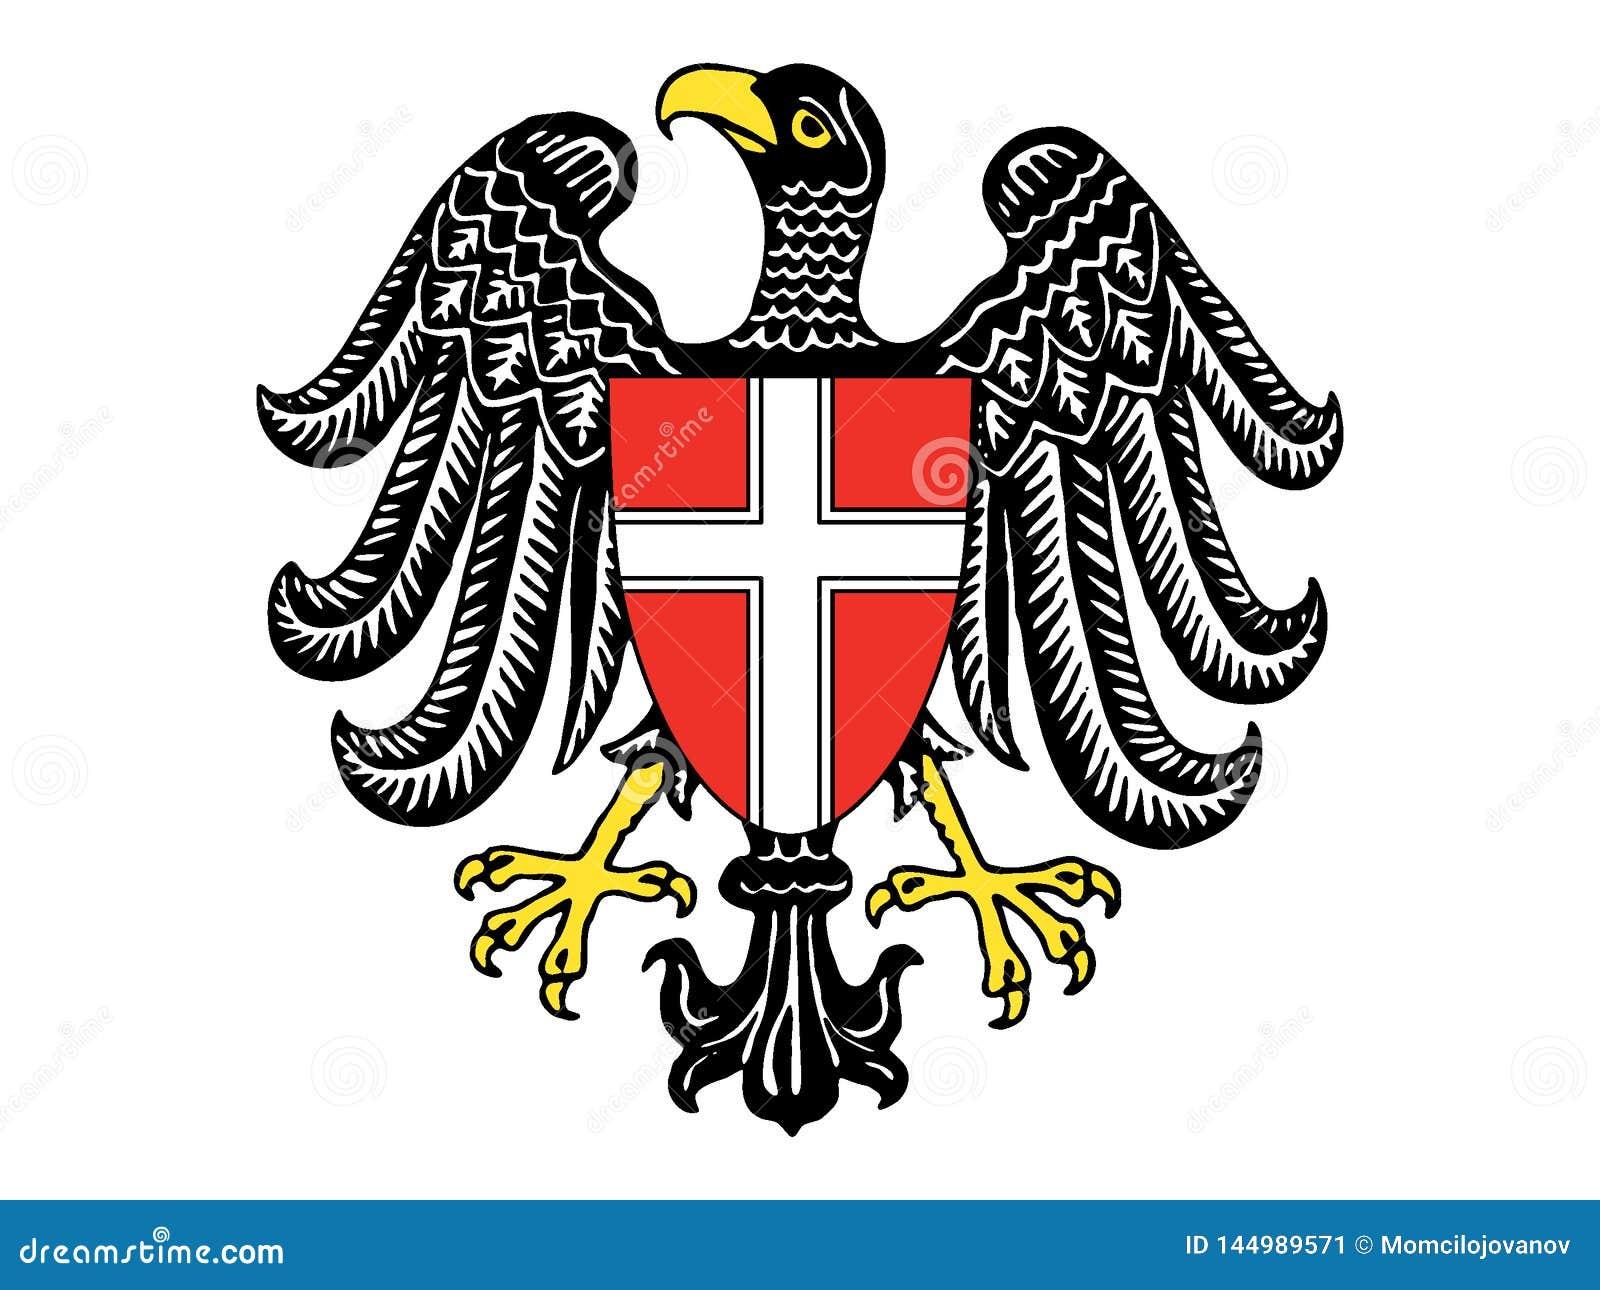 Герб австрийского государства Вены